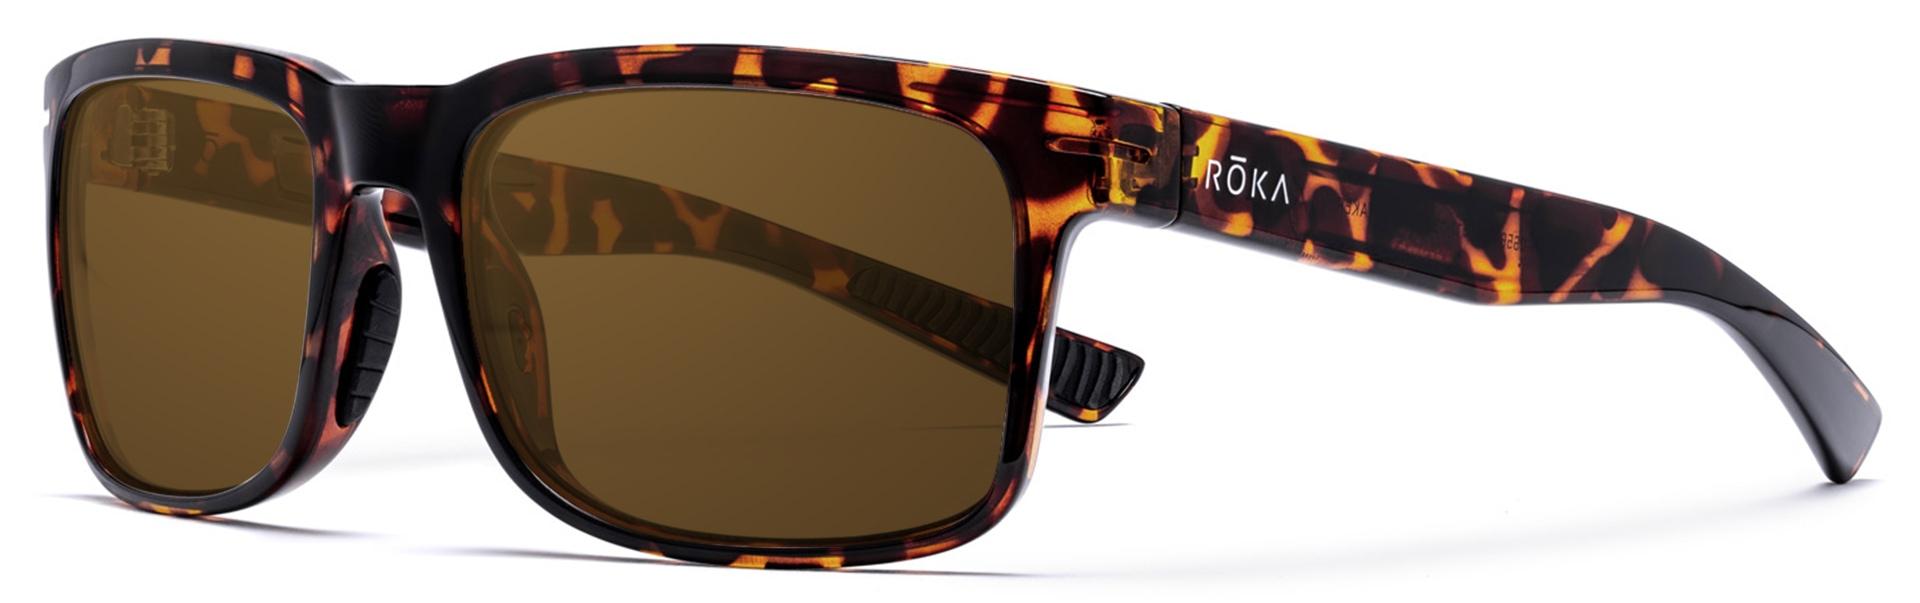 Braker Sunglasses